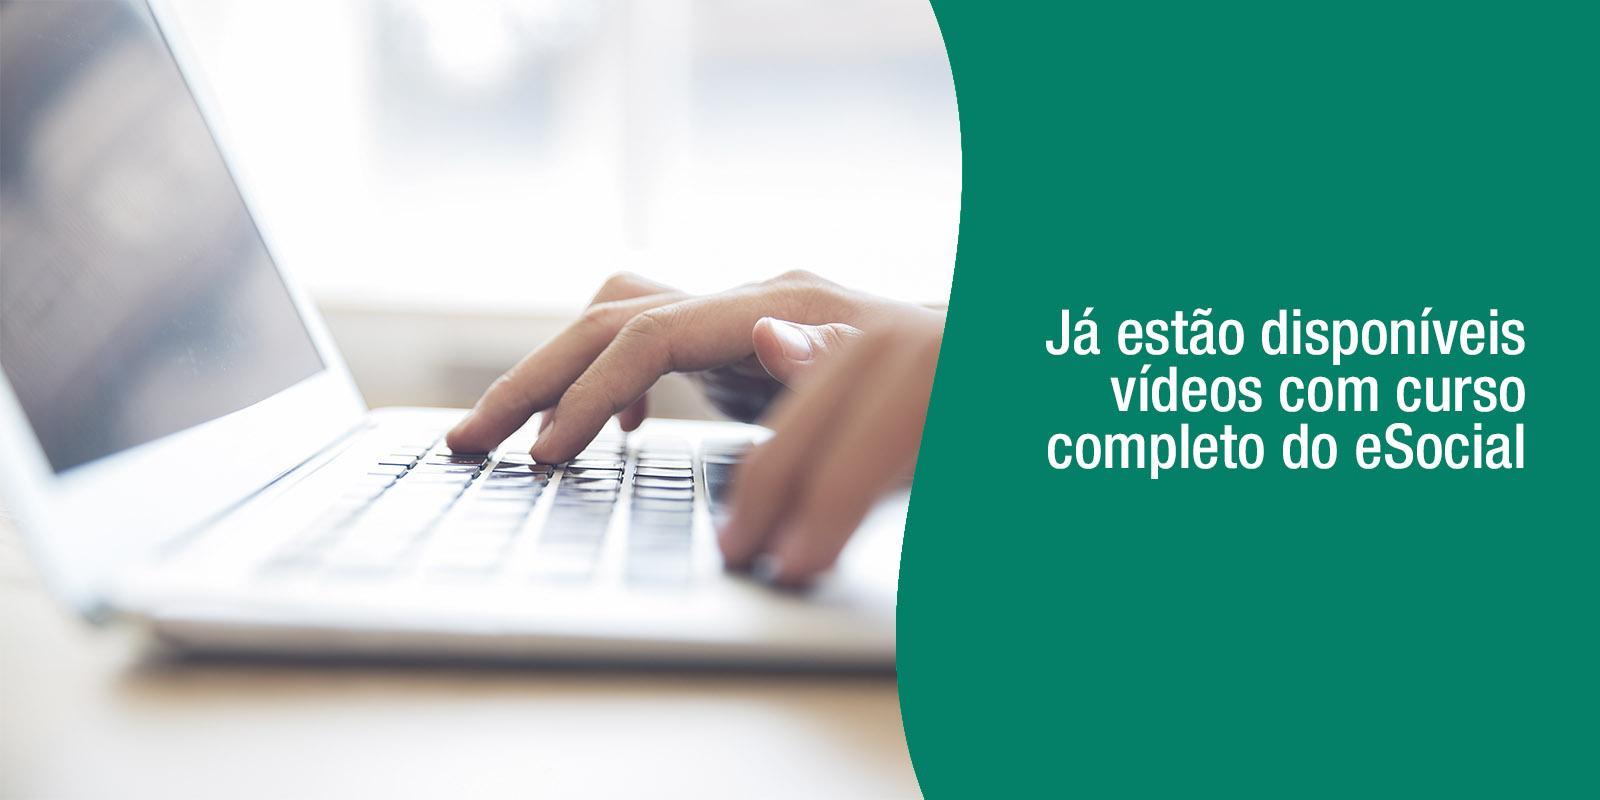 Receita federal disponibiliza curso on-line ponto a ponto sobre eSocial